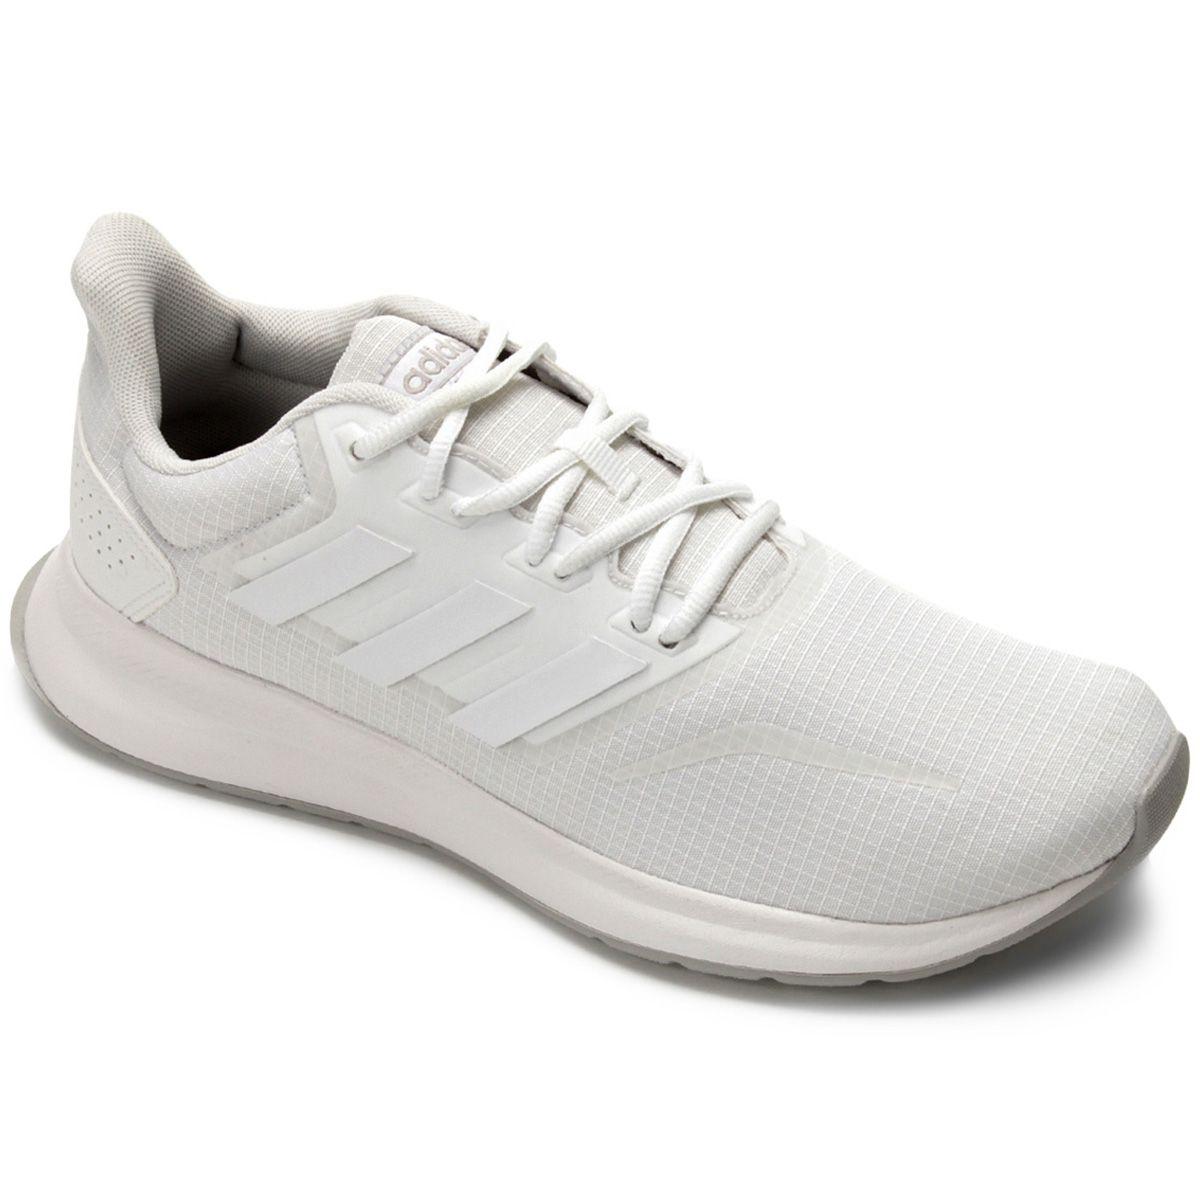 5fe1d28d8be Tênis Adidas Run Falcon Masculino